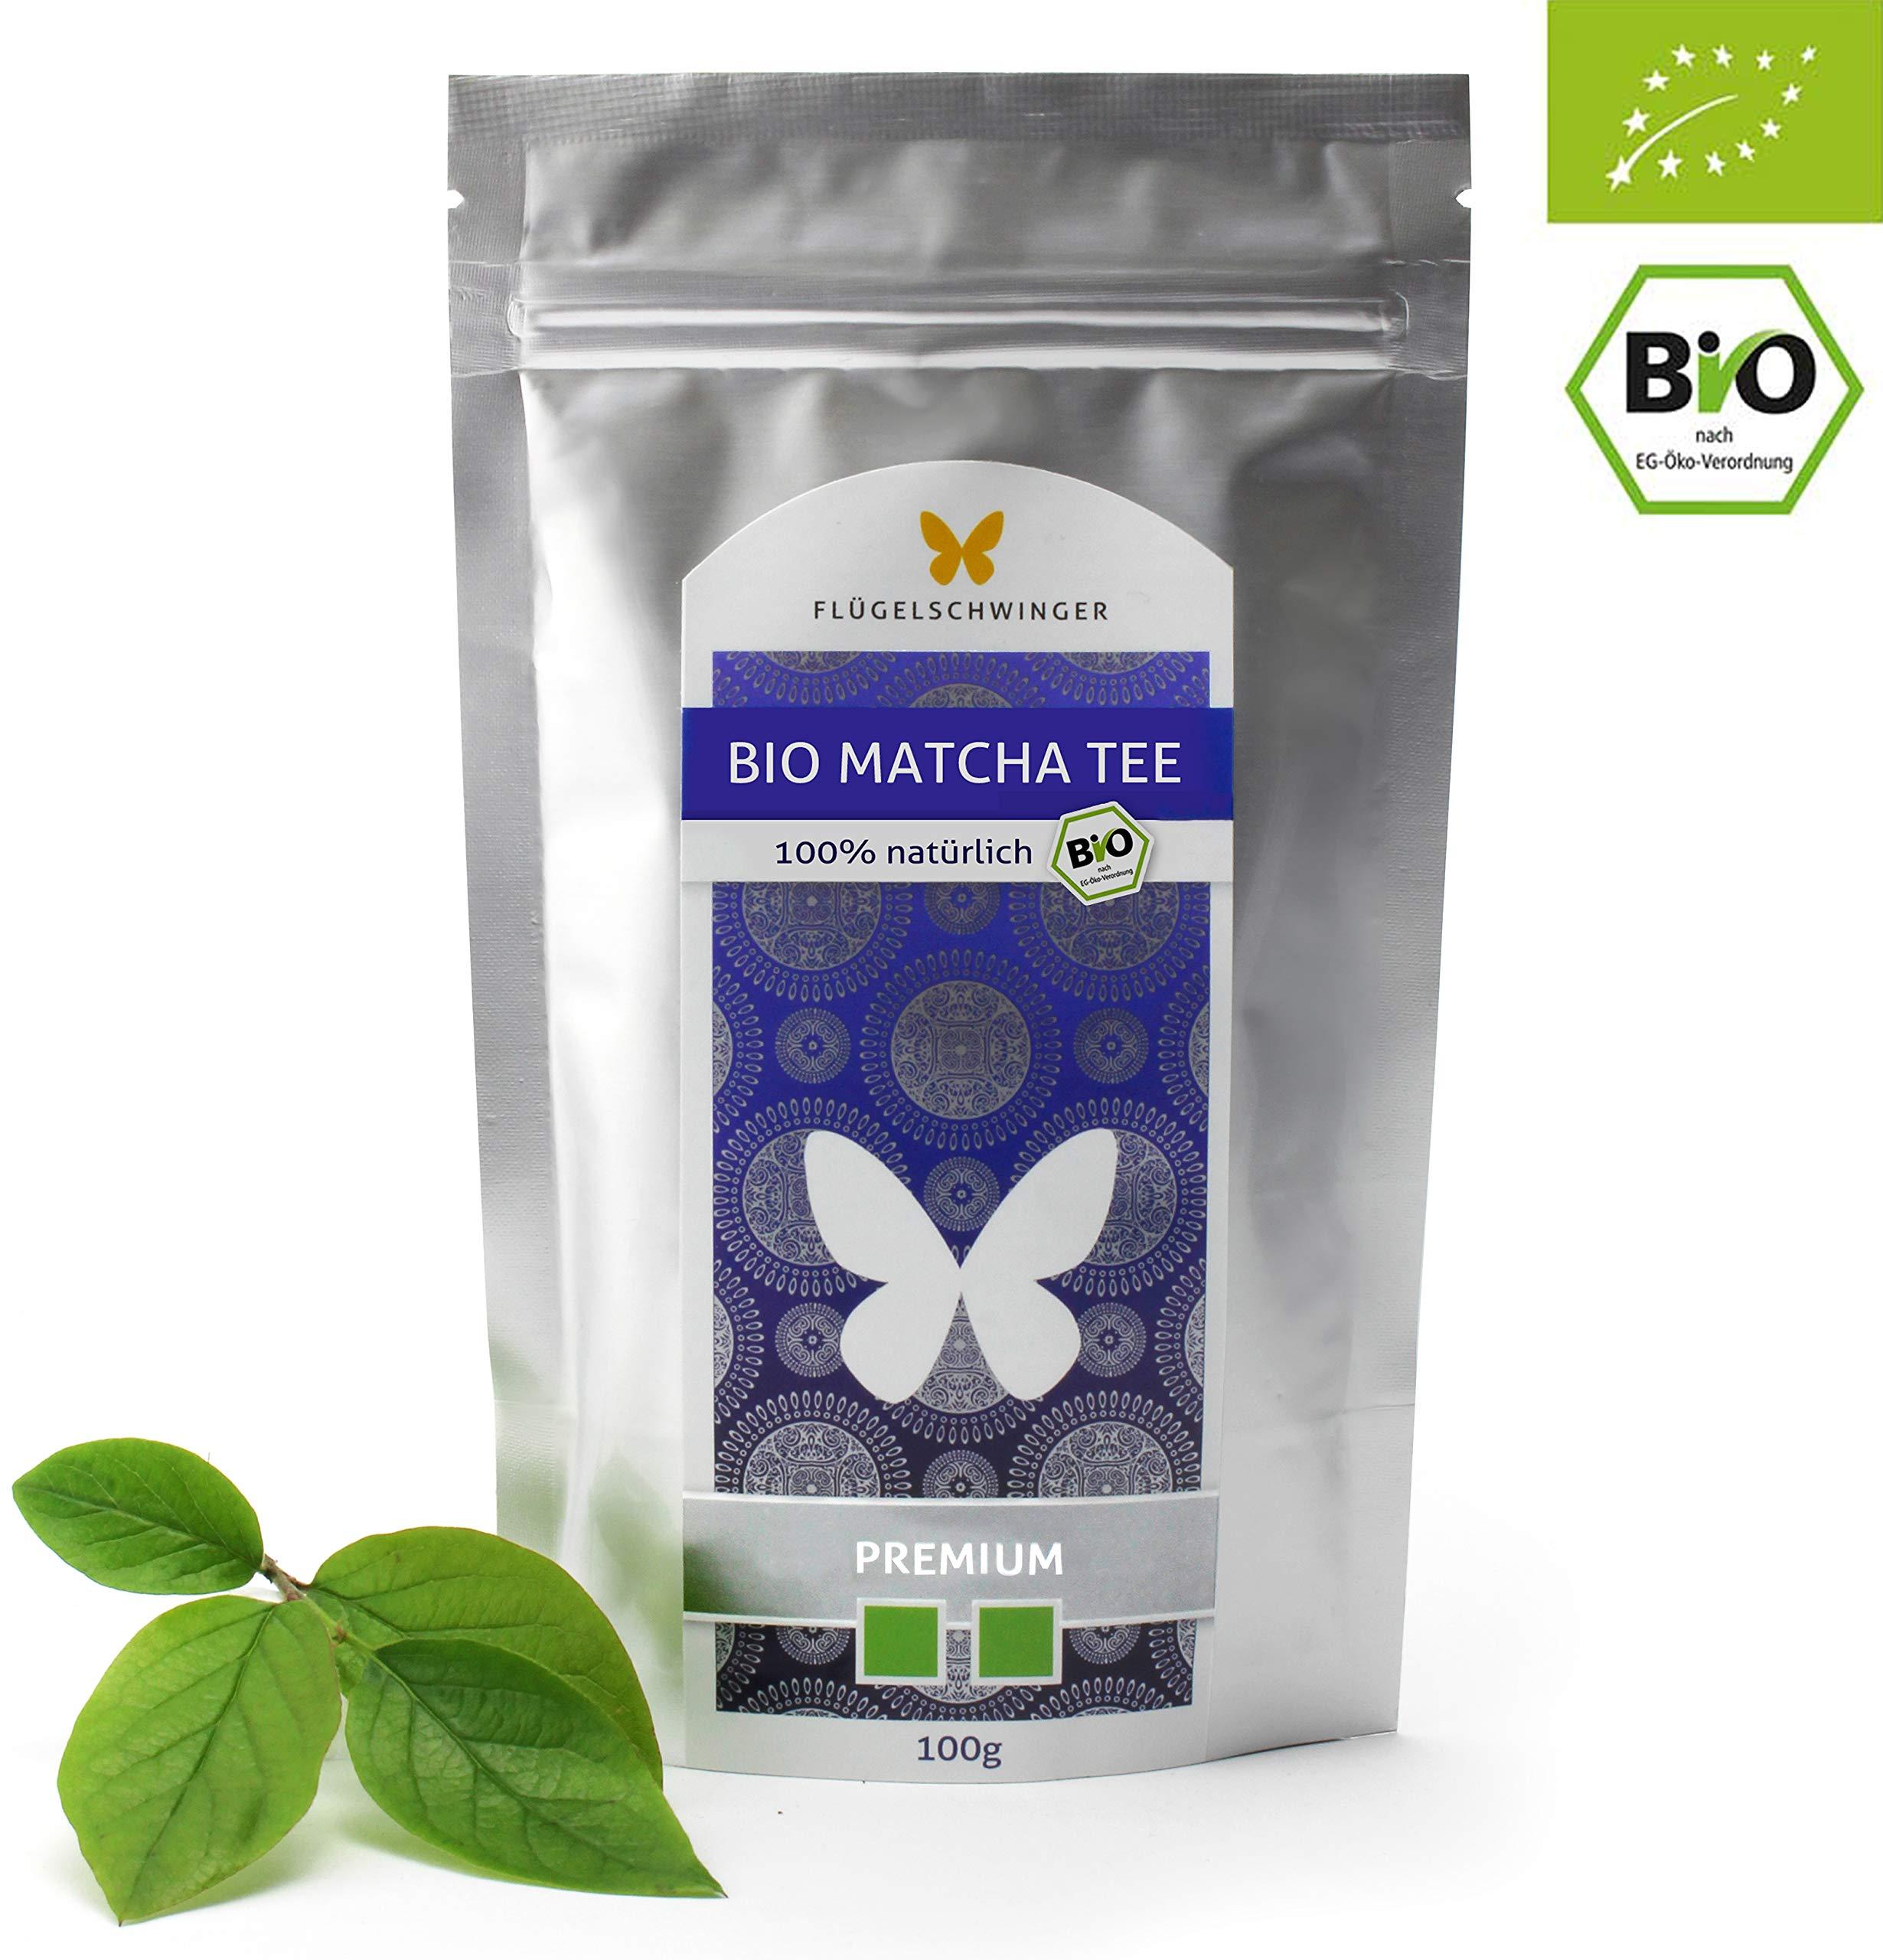 Bio-Matcha-PREMIUM-100-Matcha-Tee-ohne-Zustze-nach-traditioneller-Art-in-Steinmhlen-gemahlen-Matcha-Pulver-DE-KO-012